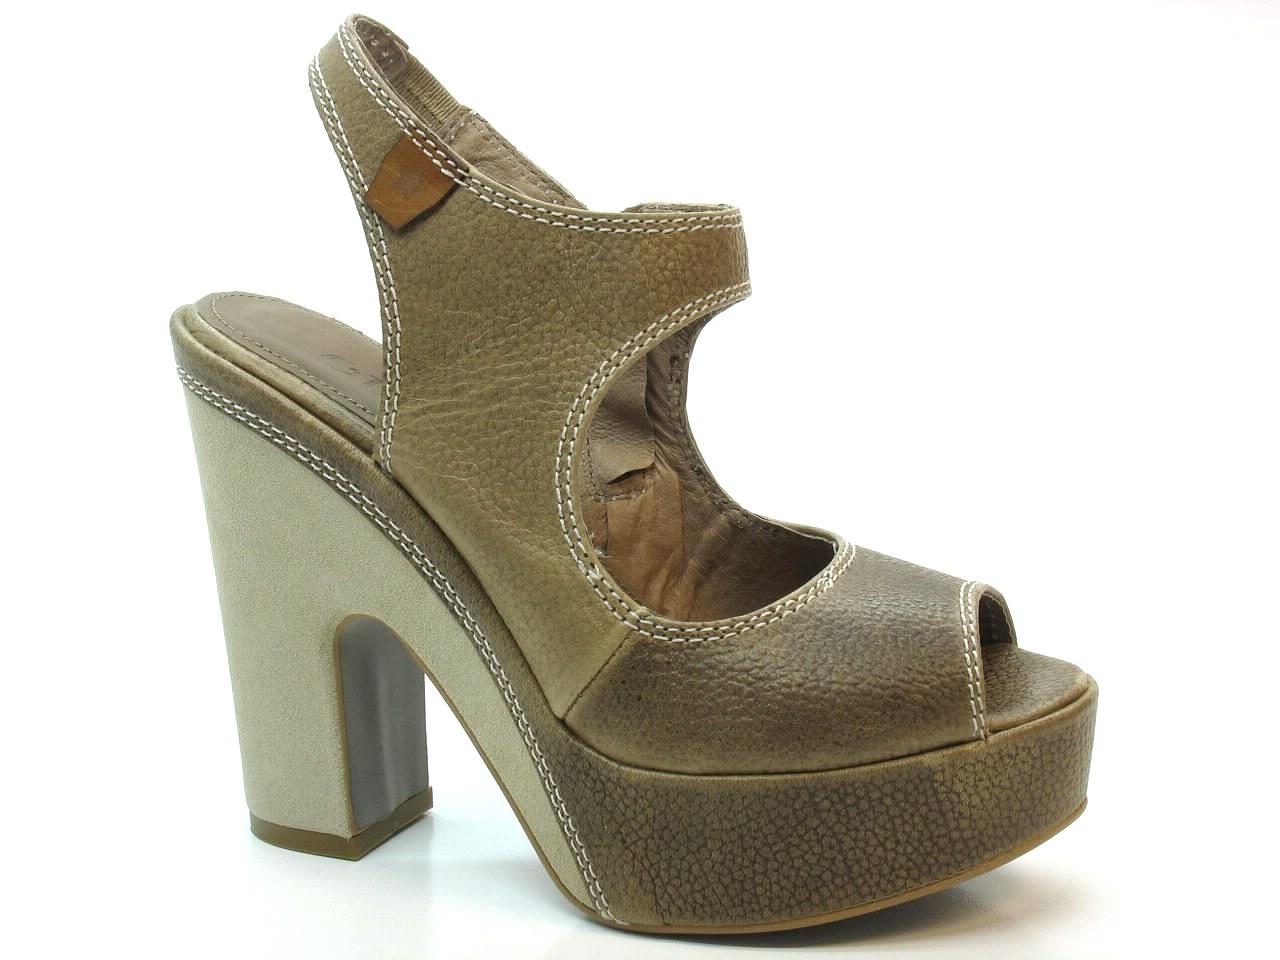 Heel Sandals Cubanas - 334 SHOW210